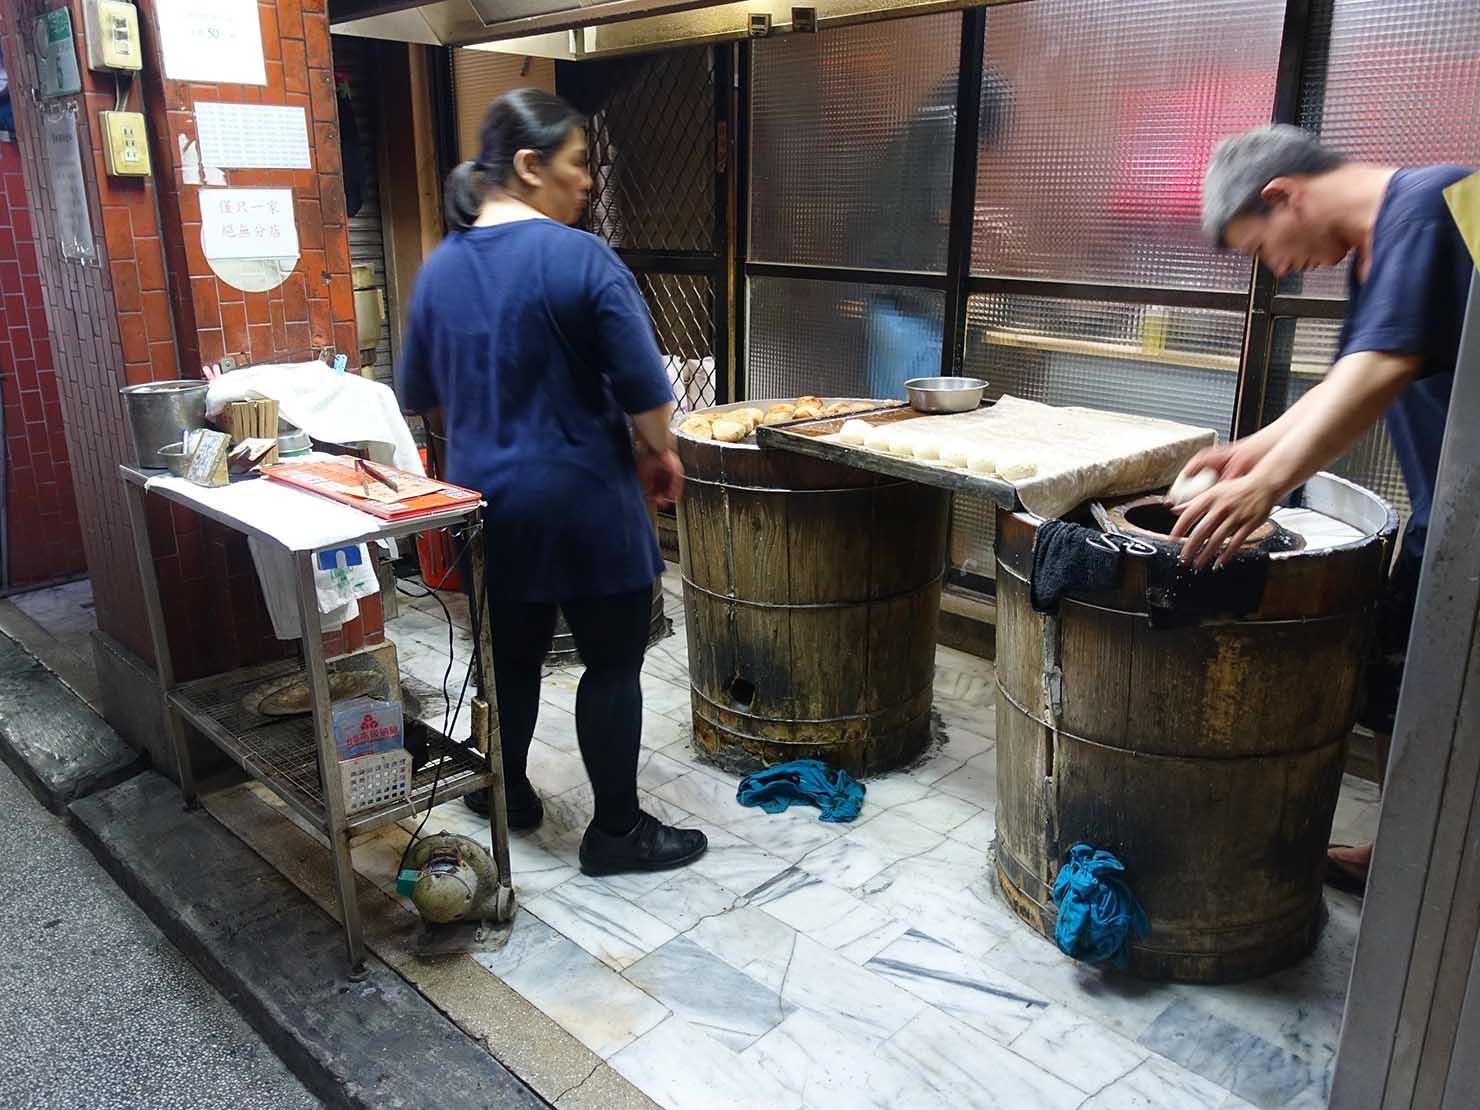 台北・龍山寺エリアのおすすめグルメ店「武林萌主福州元祖胡椒餅」の店内